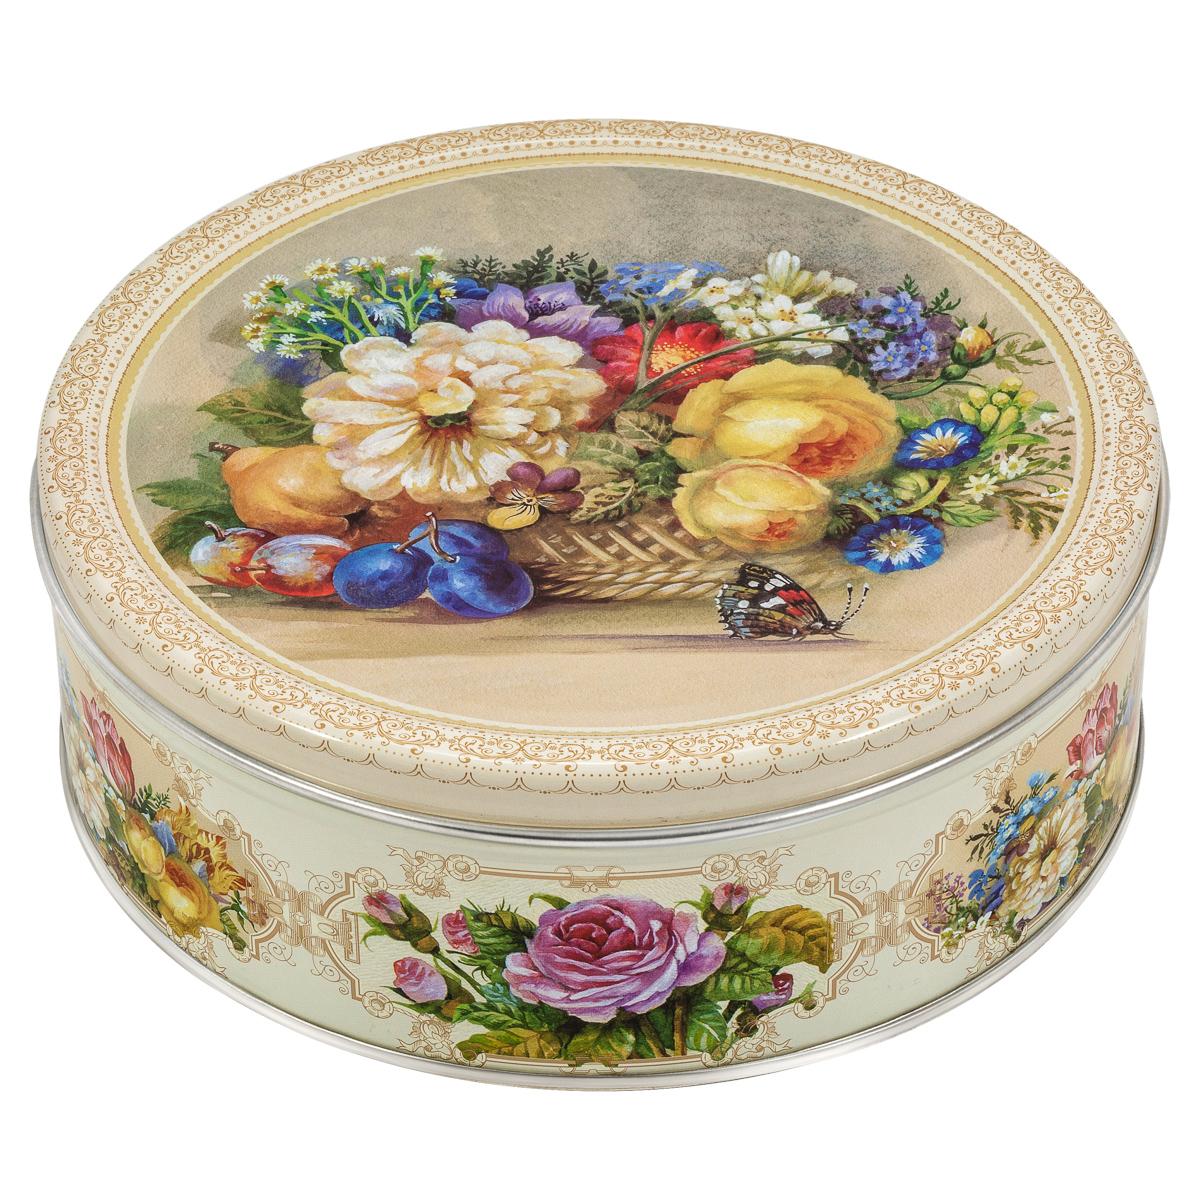 Сладкая Сказка Monte Christo Акварель печенье со сливочным маслом, 400 г monte christo ретромобиль печенье со сливочным маслом 400 г